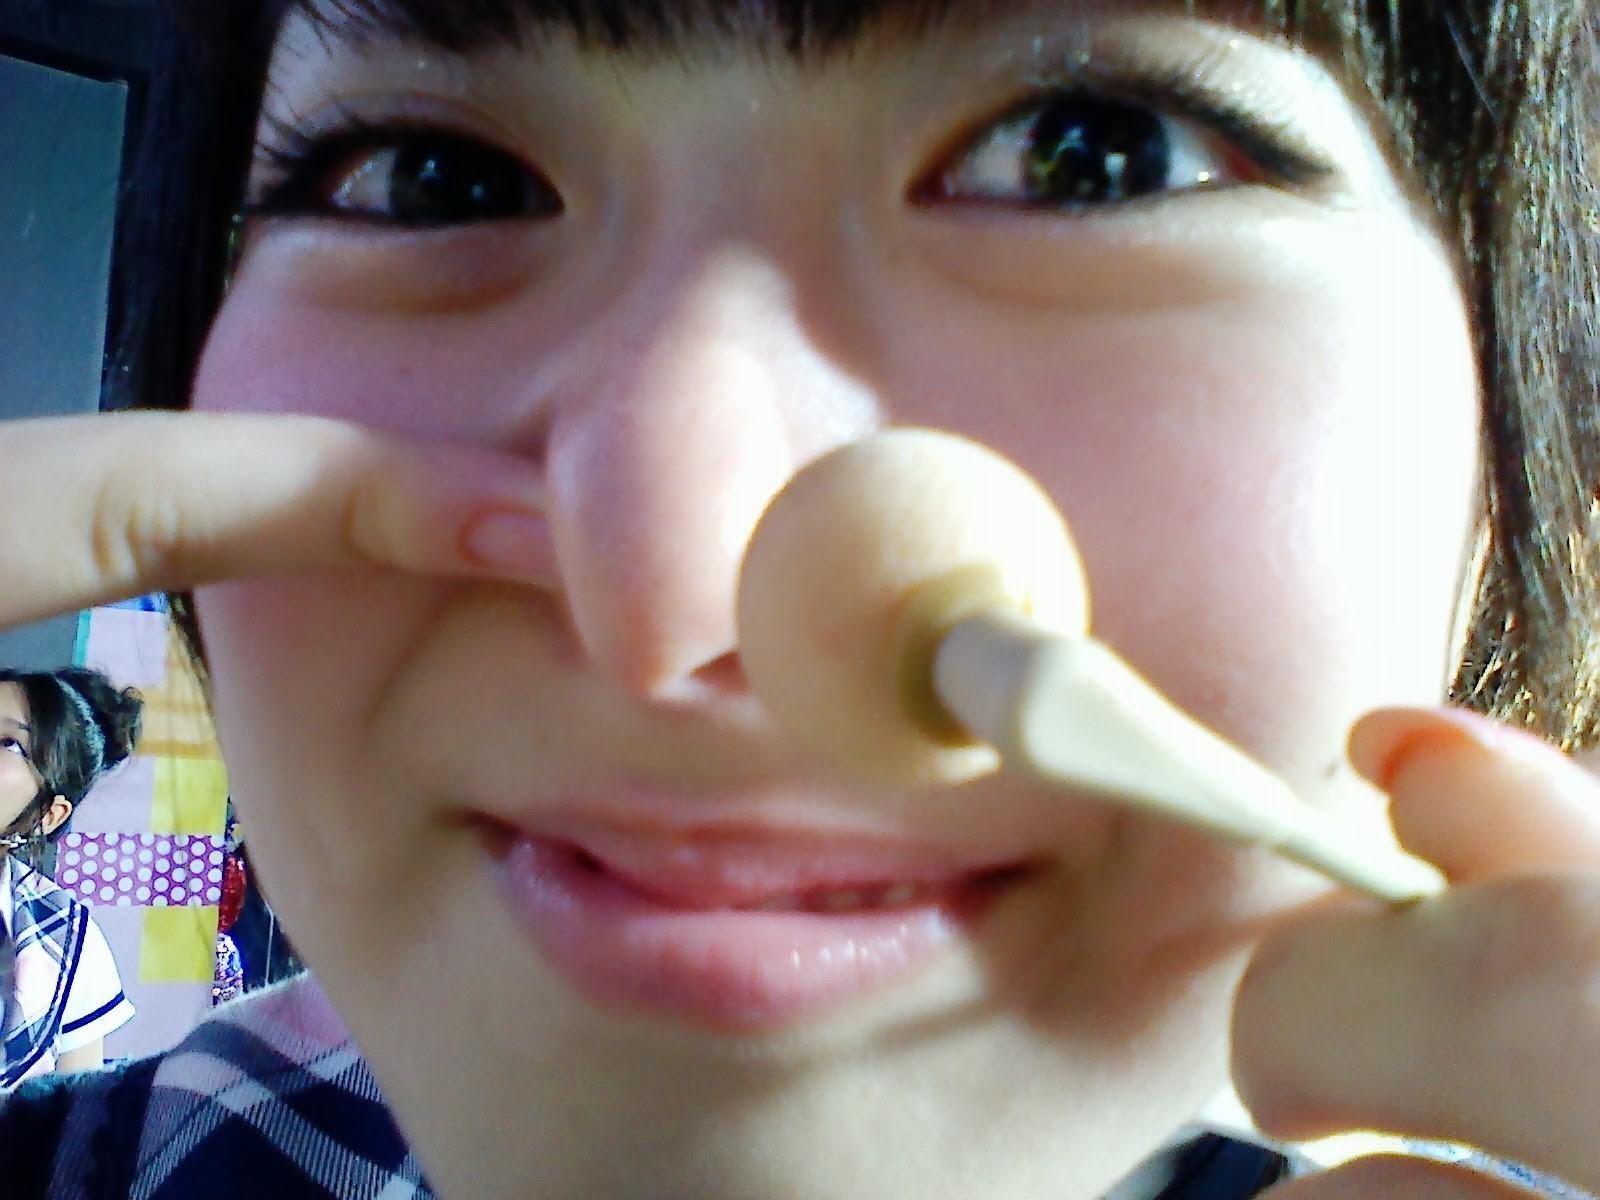 ksgk - Tano Yuuka